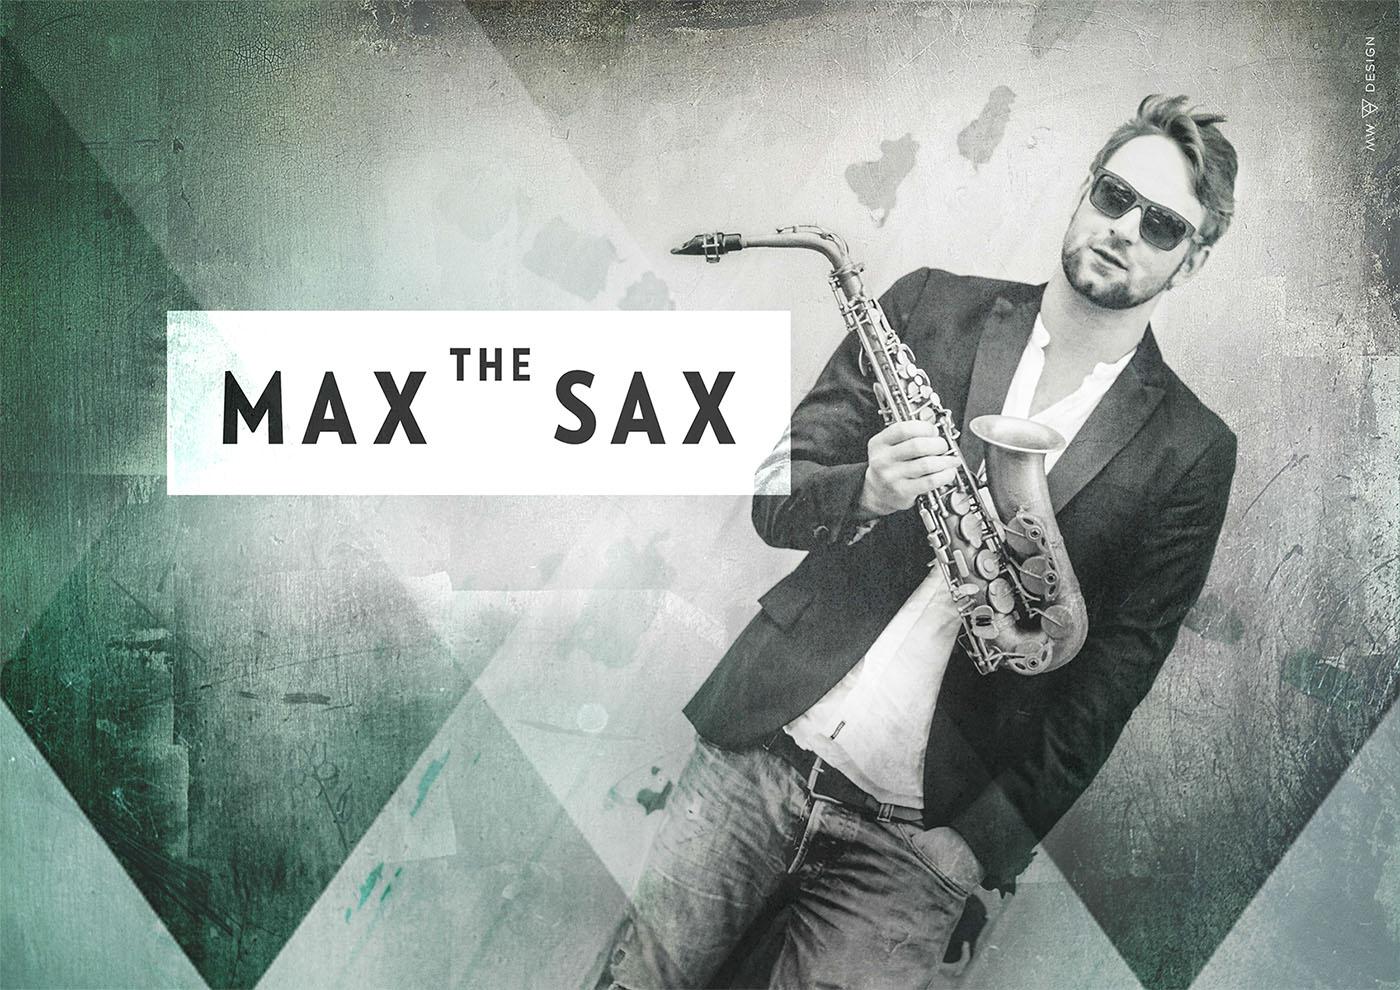 Max the sax